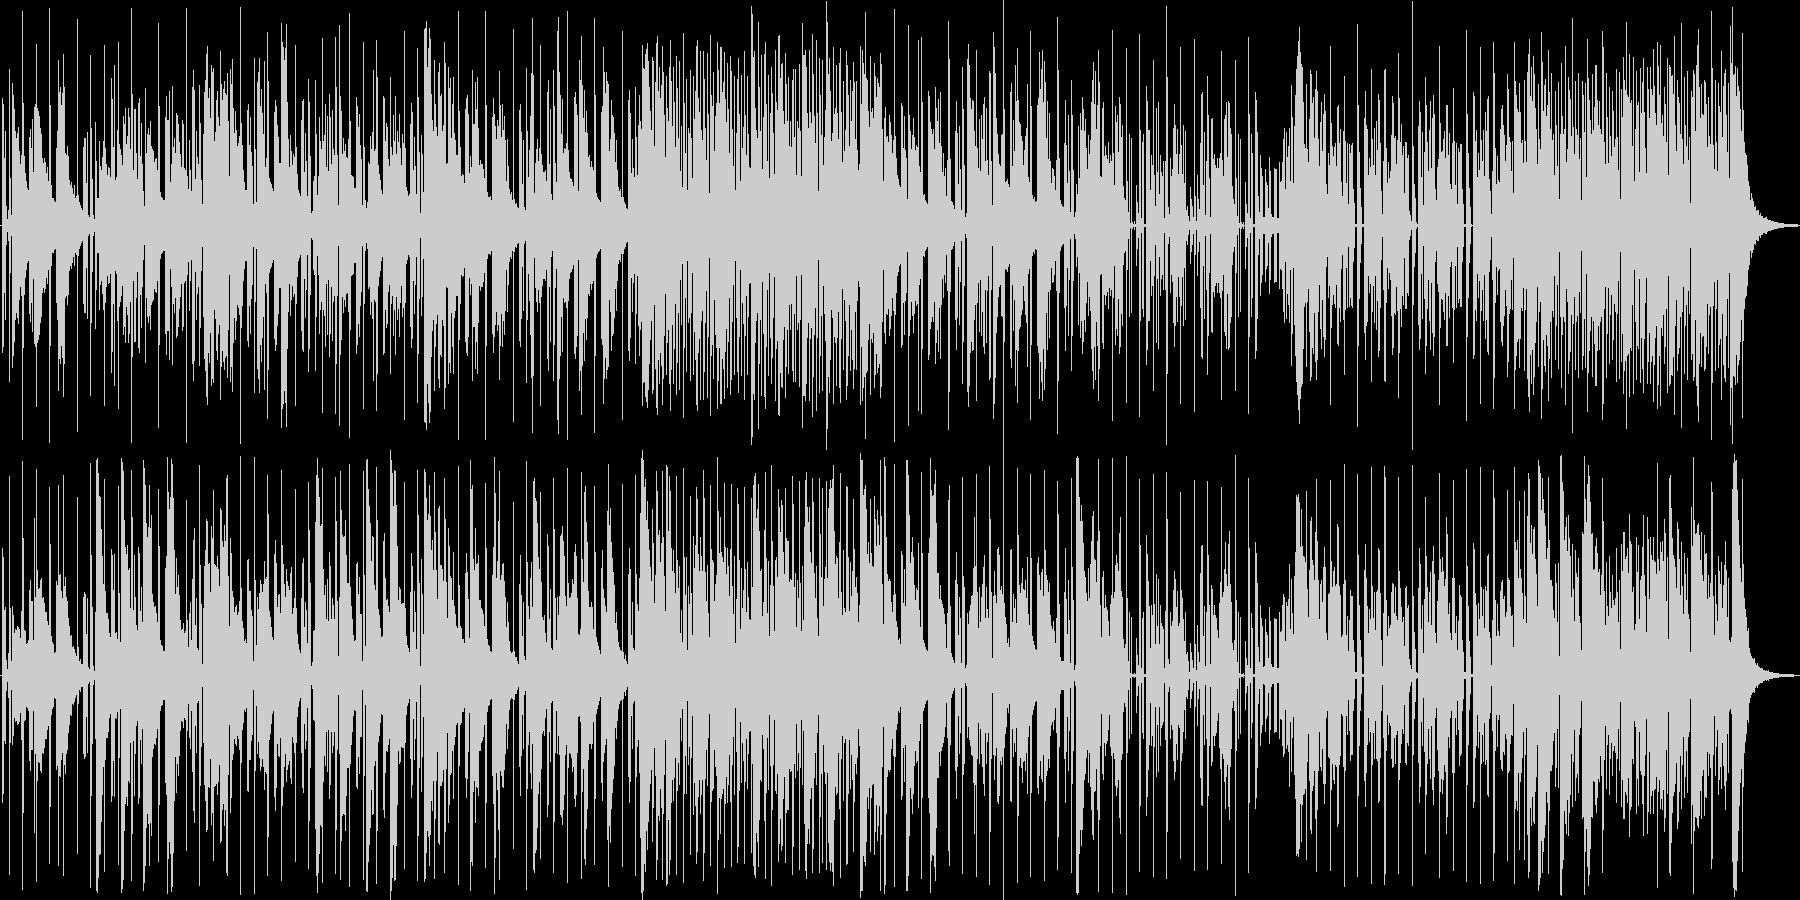 ニュース番組などのテクノ系BGMの未再生の波形